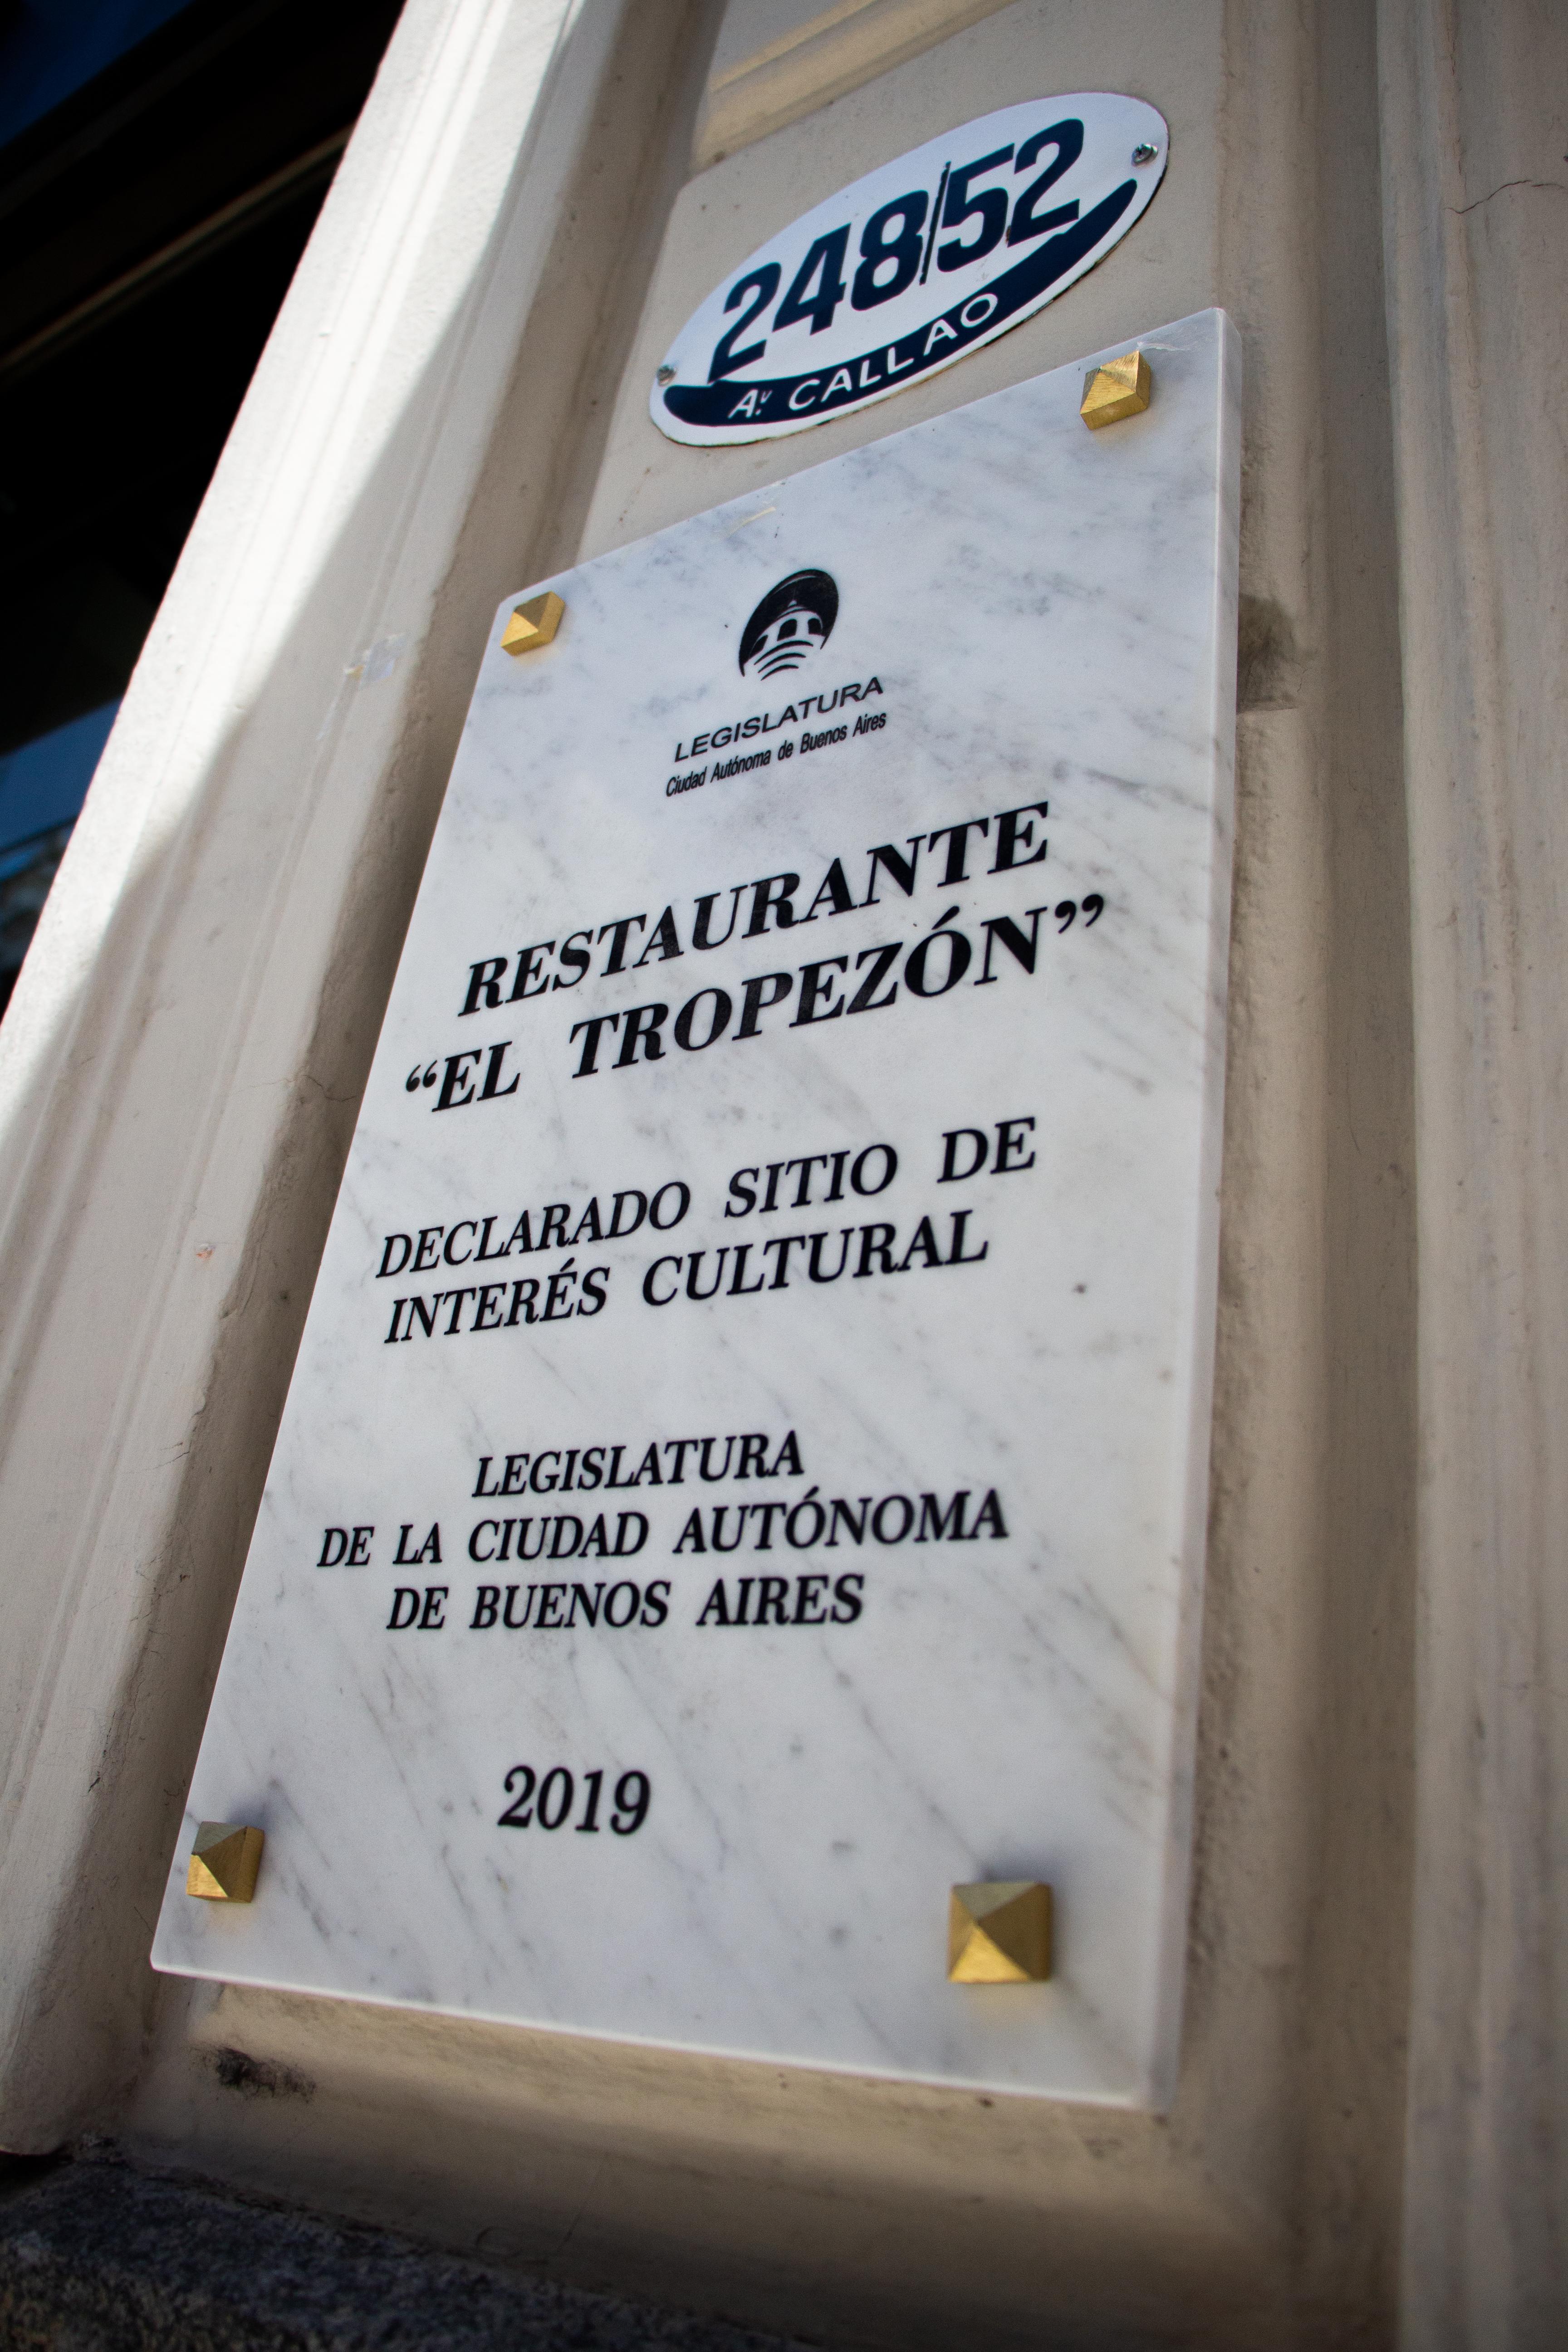 La placa fue colocada en el exterior del restaurante y busca que aquellos que transitan a diario miren con